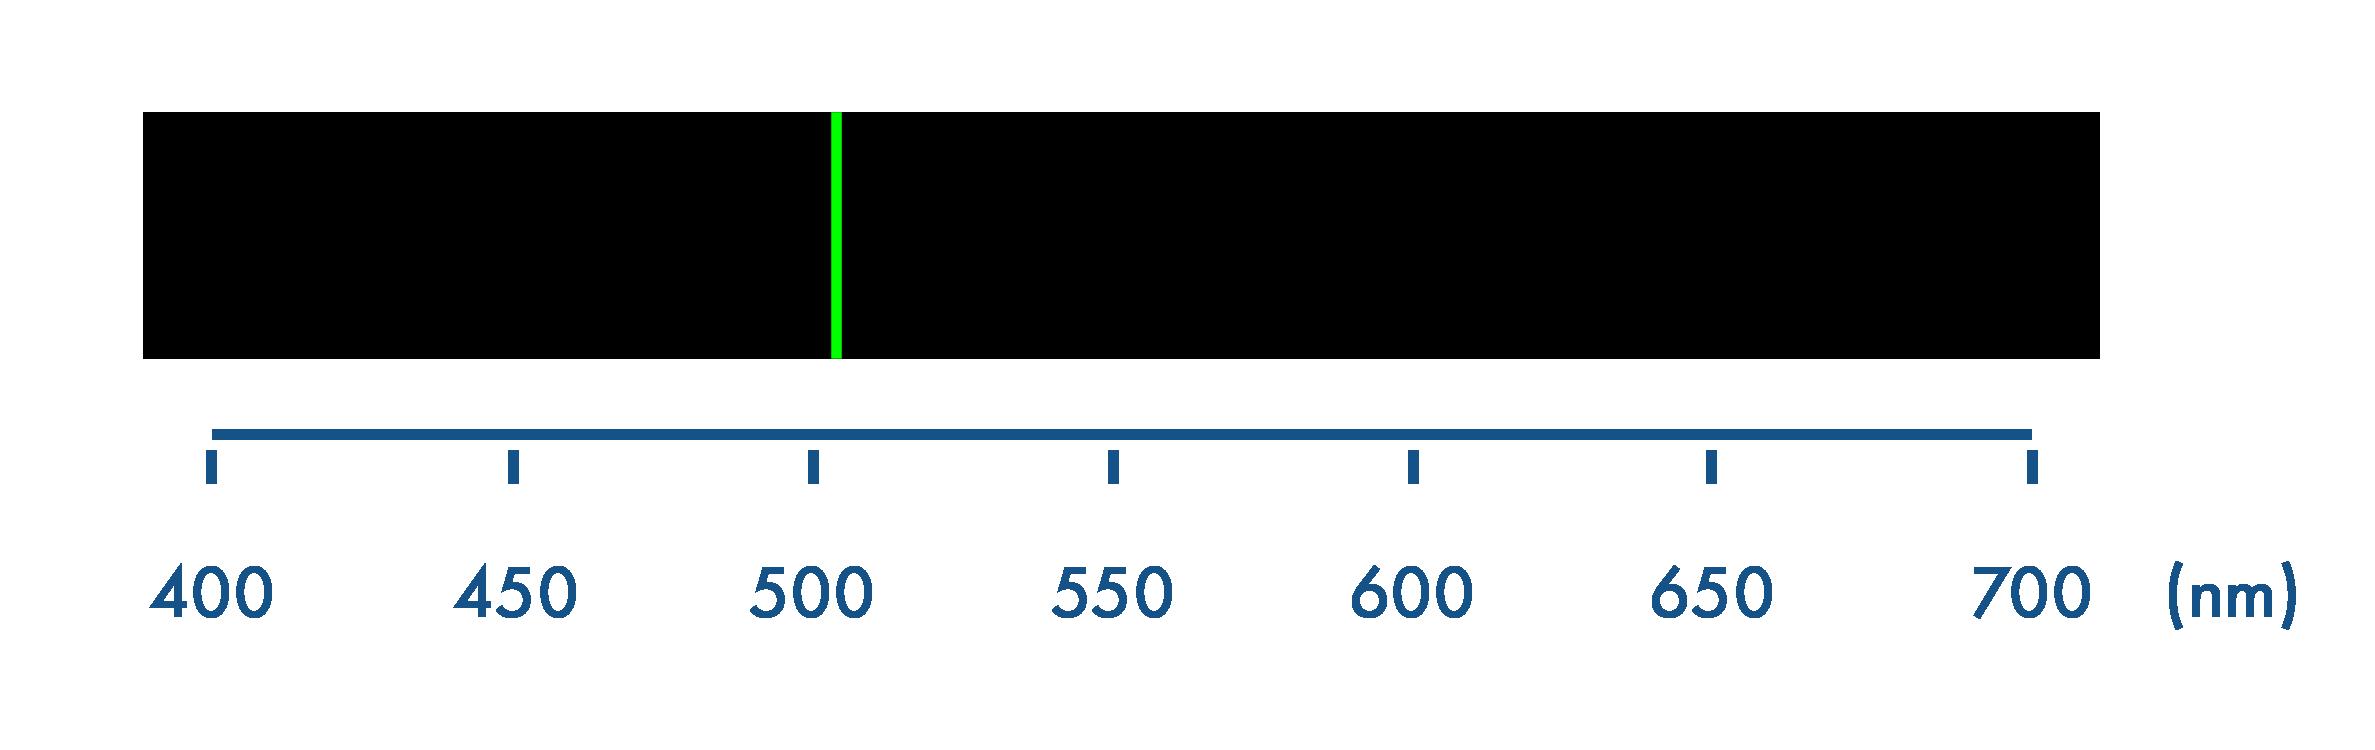 Couleur spectrale monochromatique verte